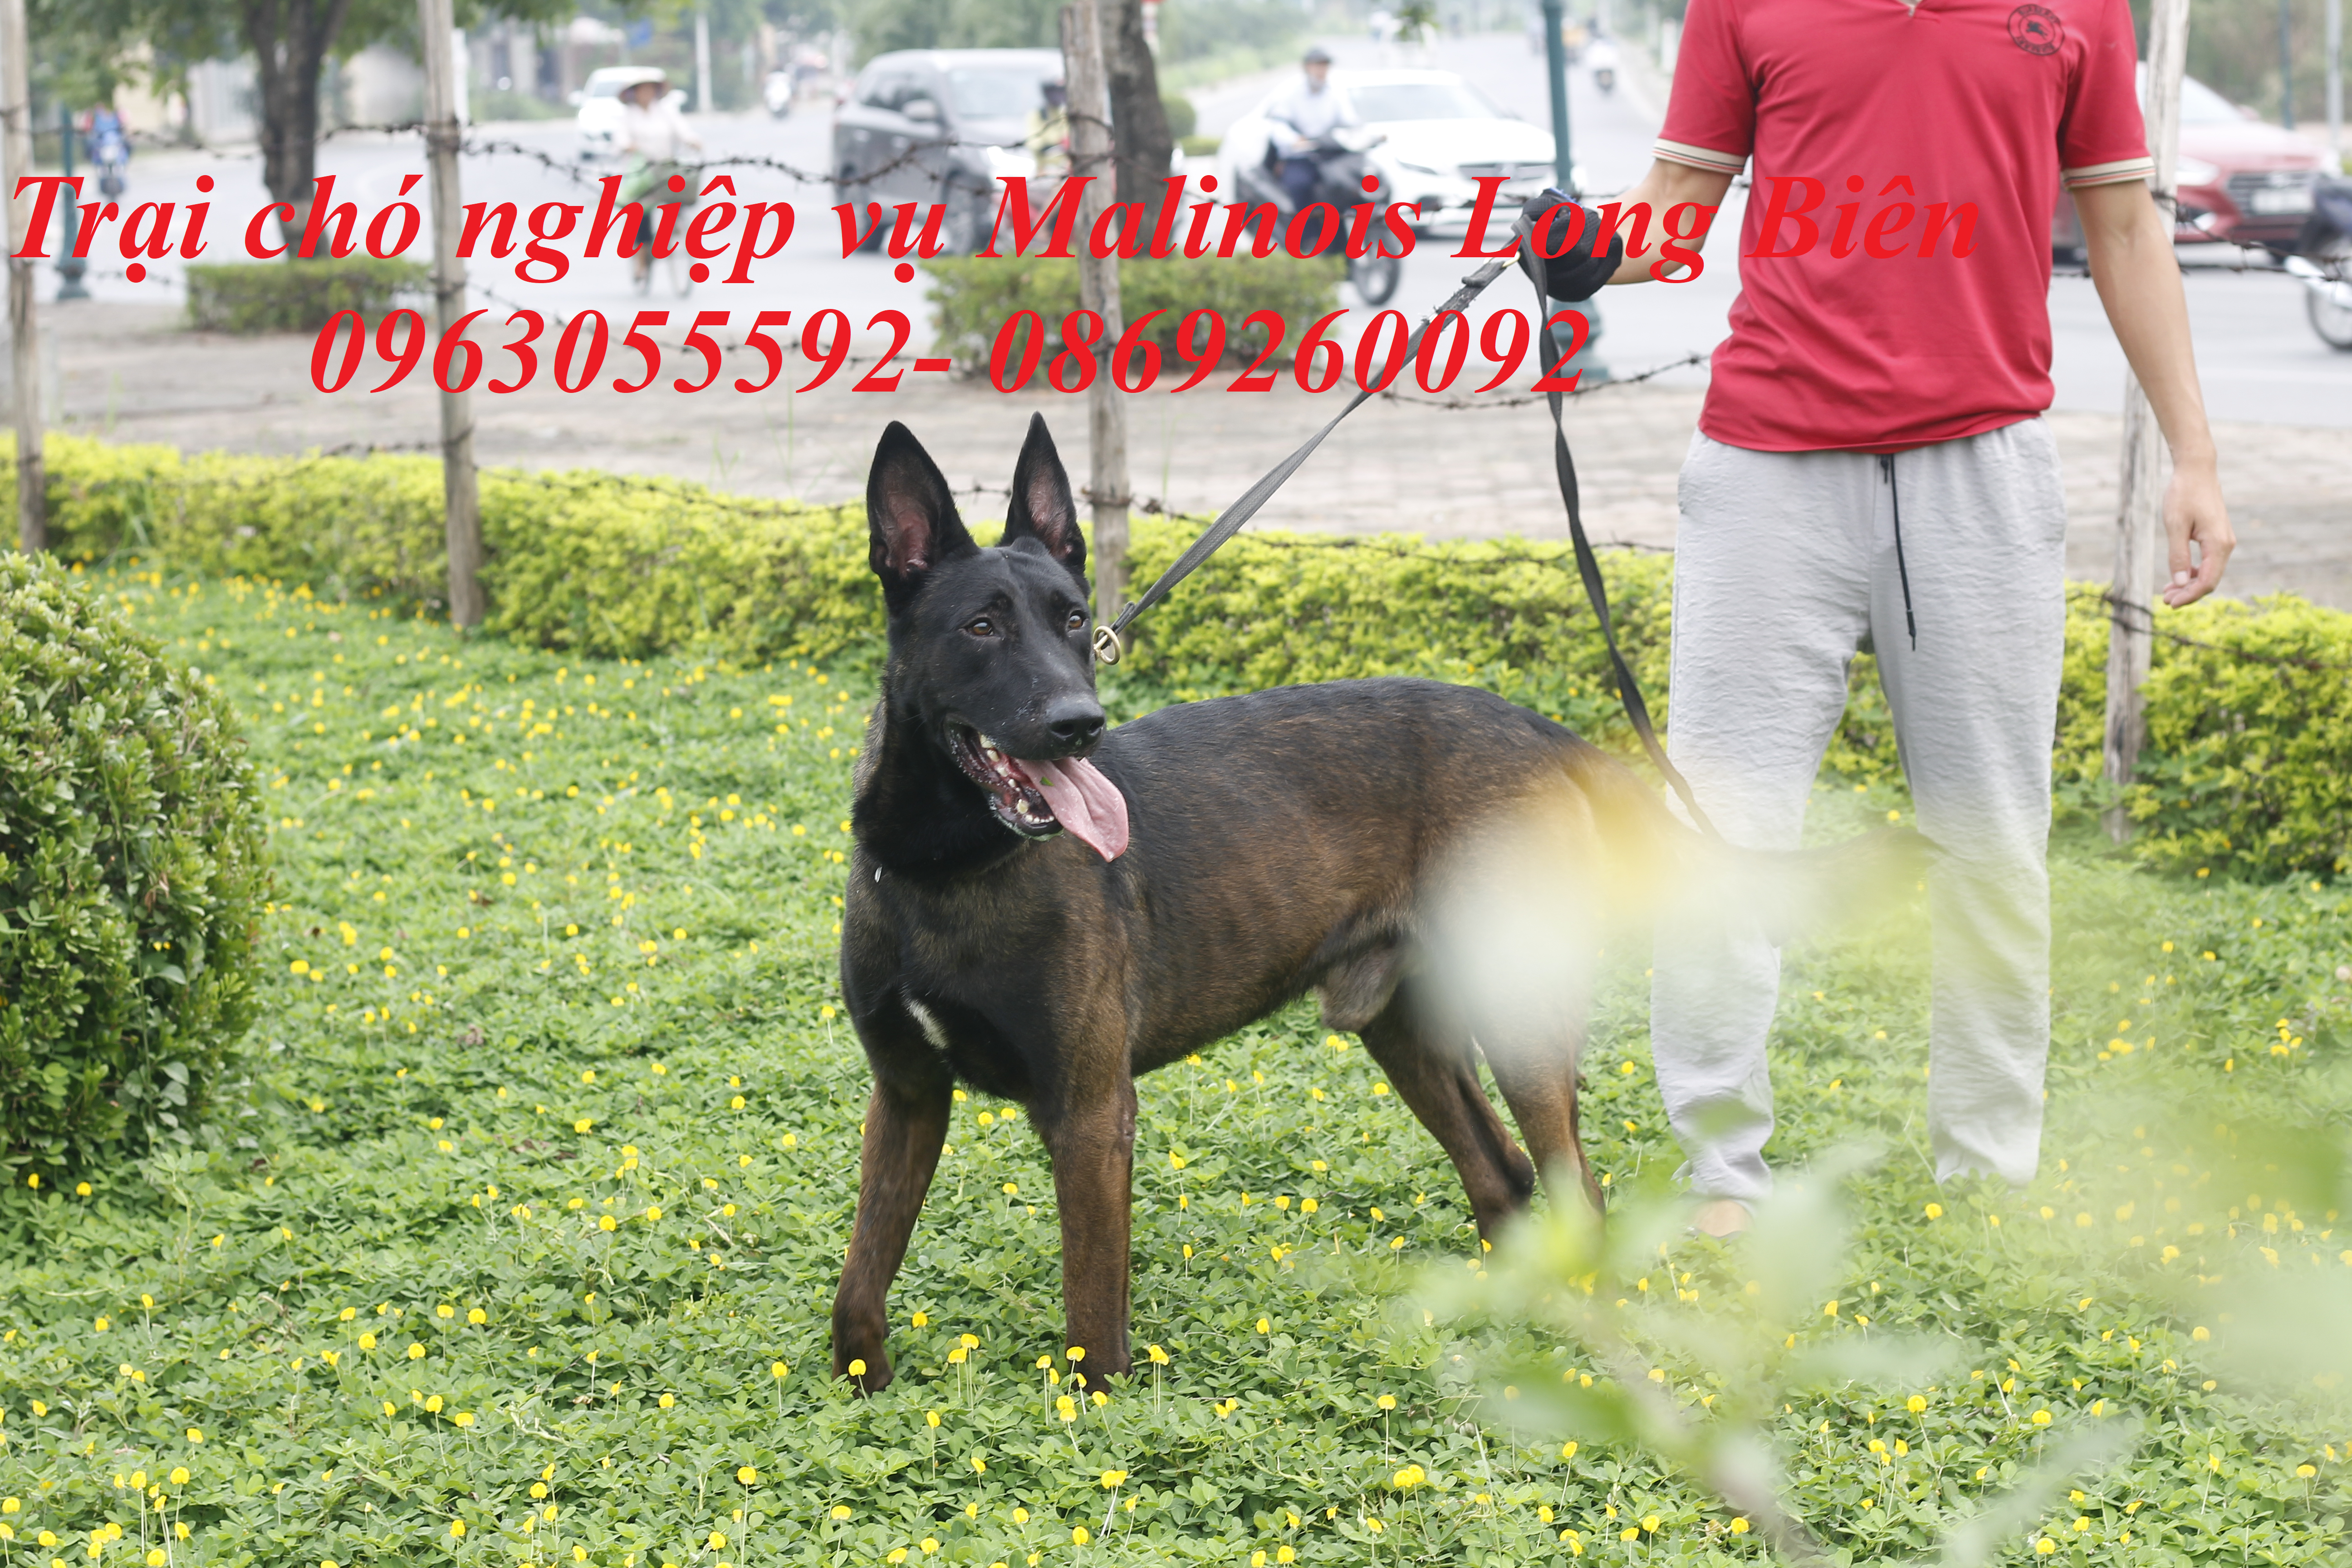 Nuôi chó becgie Bỉ trưởng thành tại trại chó nghiệp vụ malinois long Biên